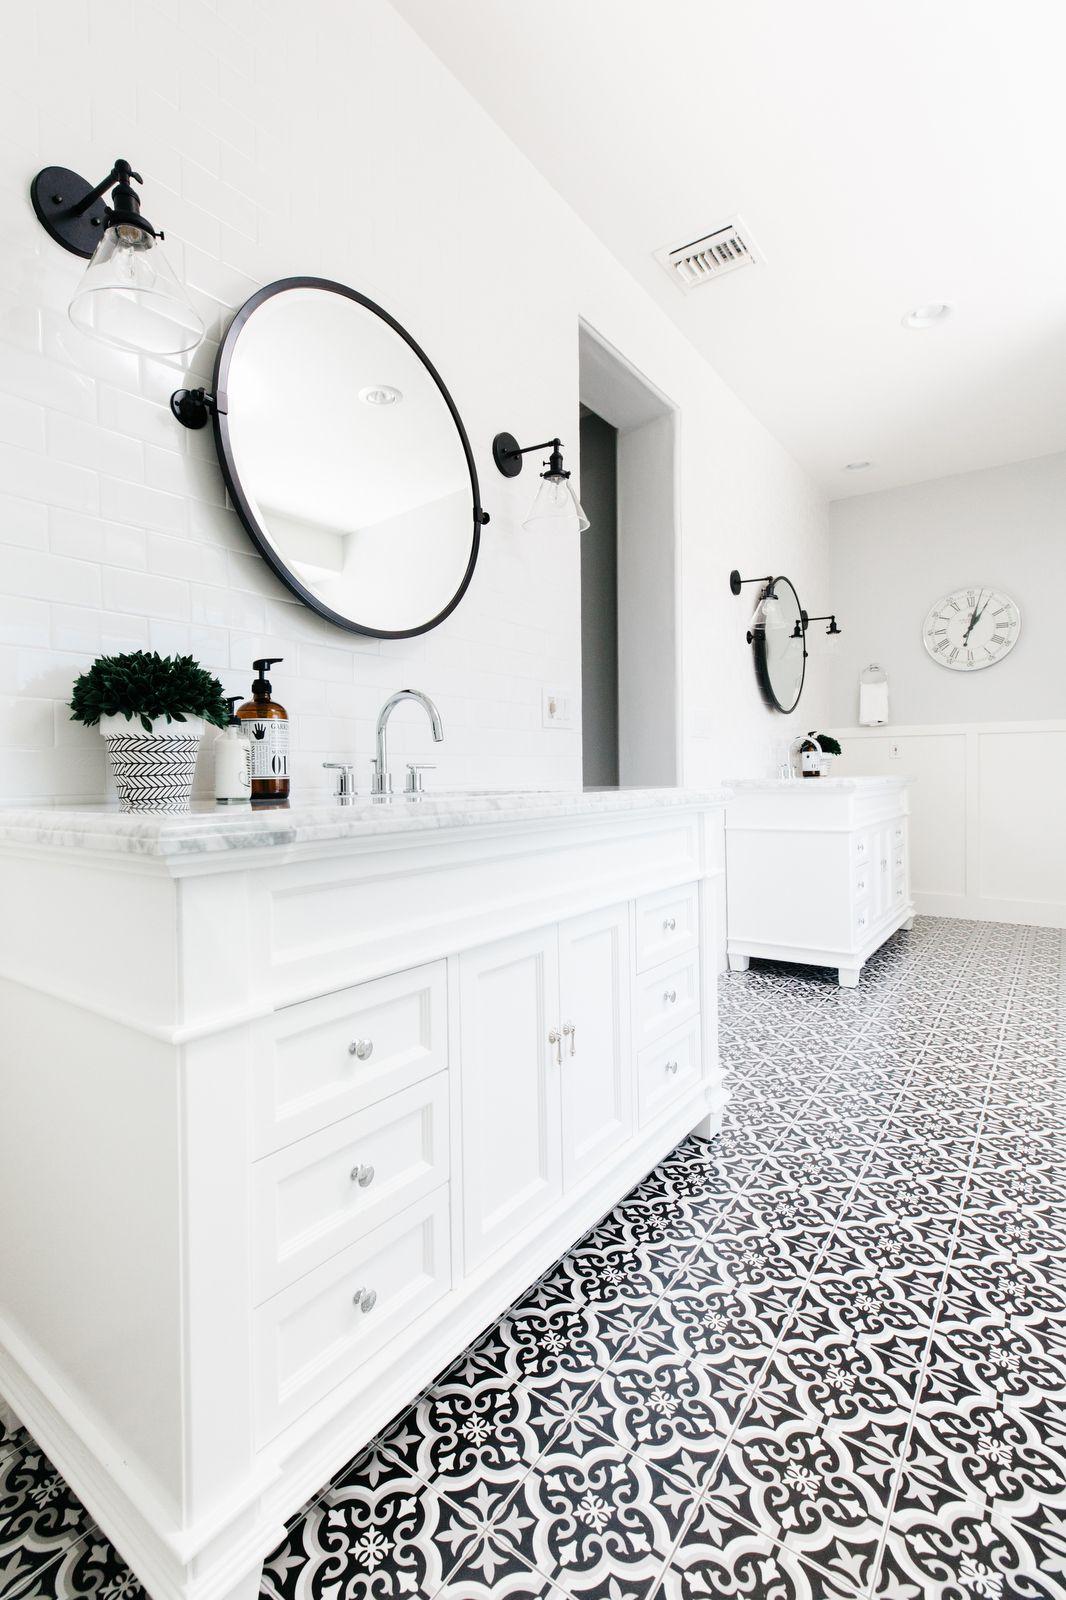 Badezimmer ideen 2018 bilder schwarzweissbadezimmerideen die nie aus stil gehen werden in